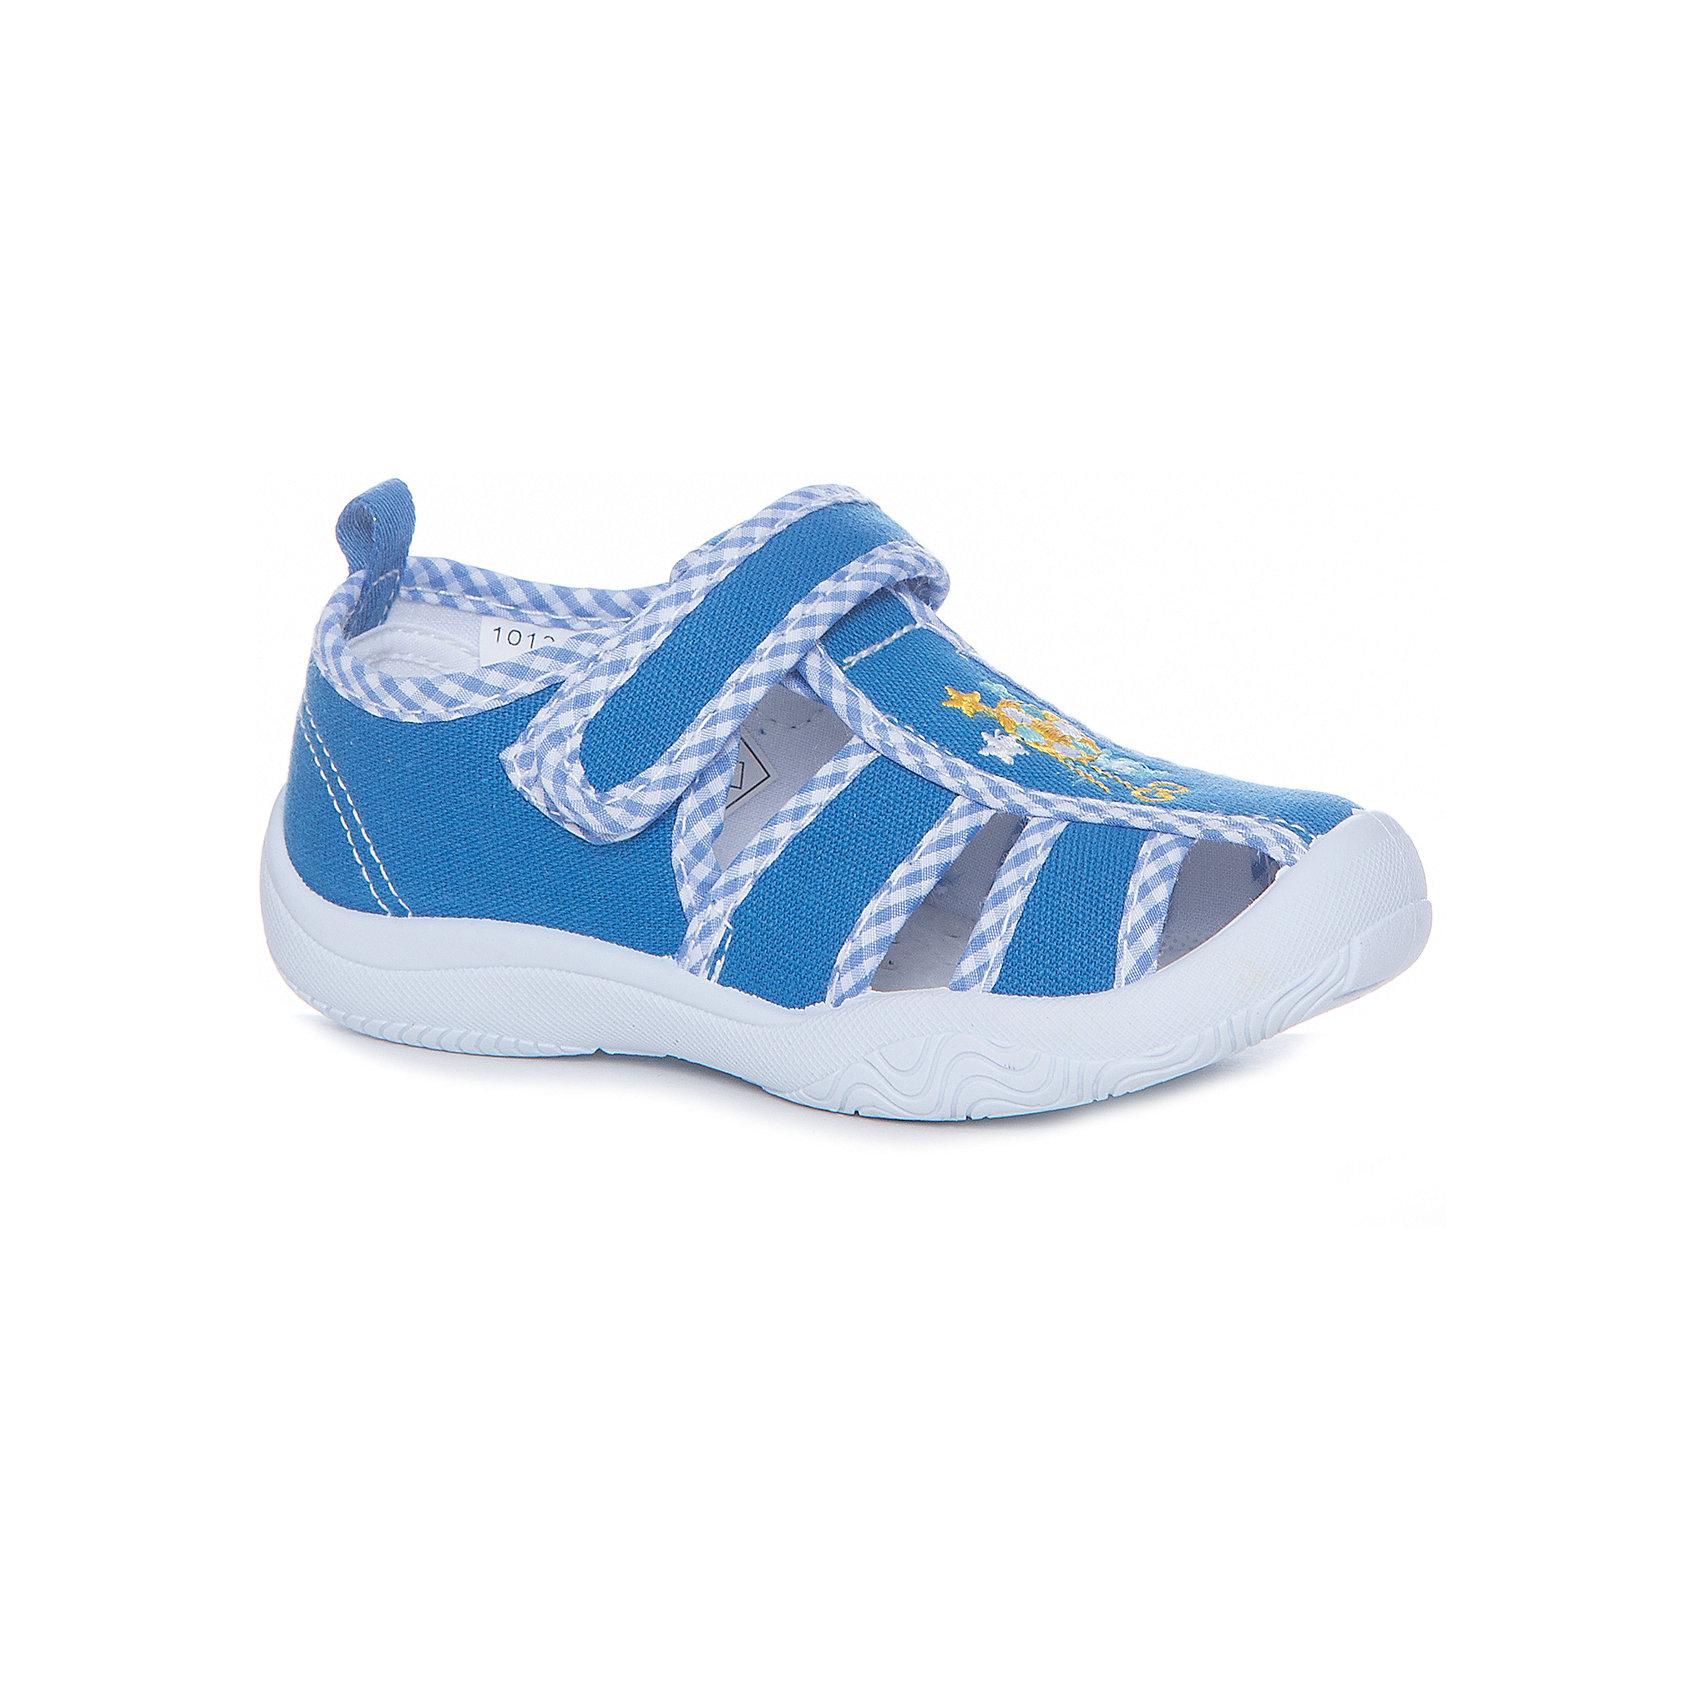 Сандалии для мальчика MURSUТекстильные туфли<br>Текстильная обувь для мальчика MURSU<br>Состав: <br>Материал верха: хлопок; Материал подкладки: хлопок; Материал подошвы: ПВХ; Материал стельки: натуральная кожа.<br><br>Ширина мм: 227<br>Глубина мм: 145<br>Высота мм: 124<br>Вес г: 325<br>Цвет: голубой<br>Возраст от месяцев: 24<br>Возраст до месяцев: 24<br>Пол: Мужской<br>Возраст: Детский<br>Размер: 25,20,21,22,23,24<br>SKU: 5325716